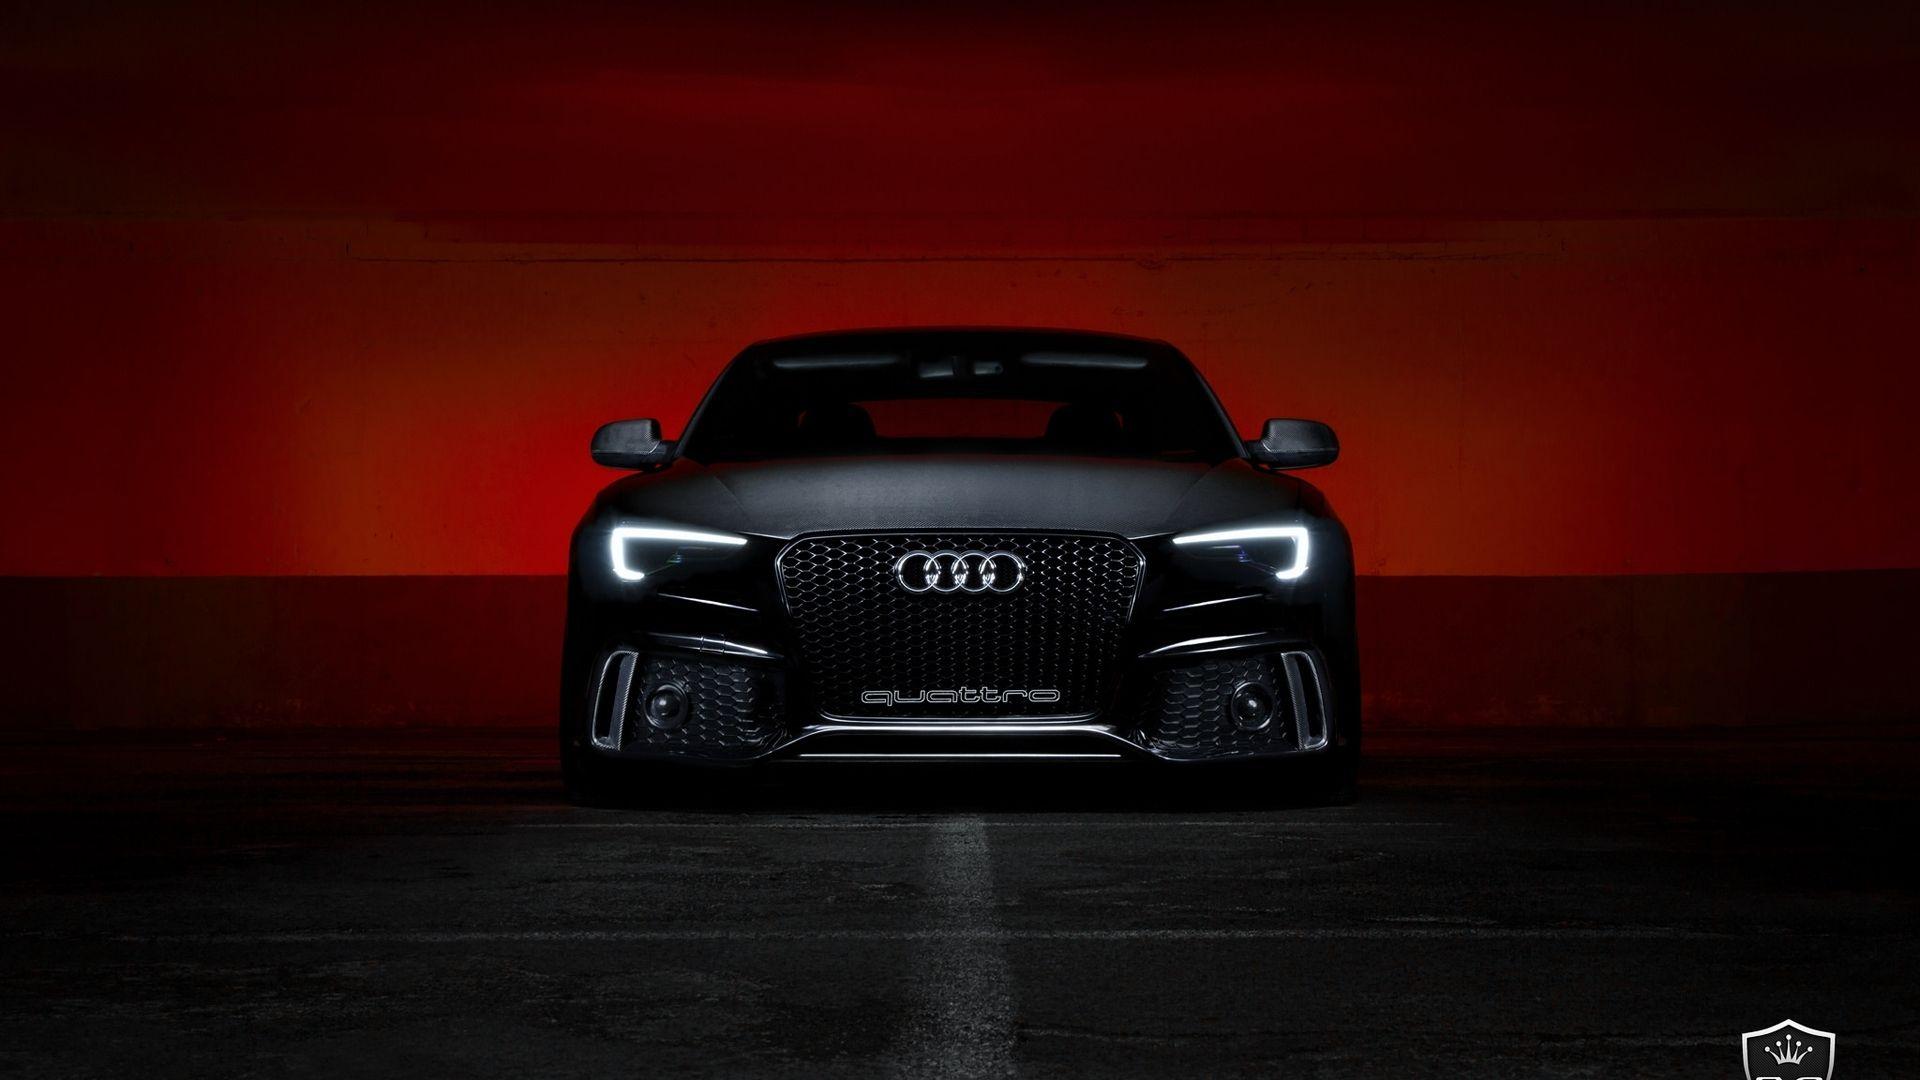 Black Audi S5 Front View Dark Wallpaper Audi Wallpapers Cars Wallpapers Download Beautiful Hd Wallpaper 1080p 2160p Uhd 4k Audi S5 Black Audi S5 Wallpaper